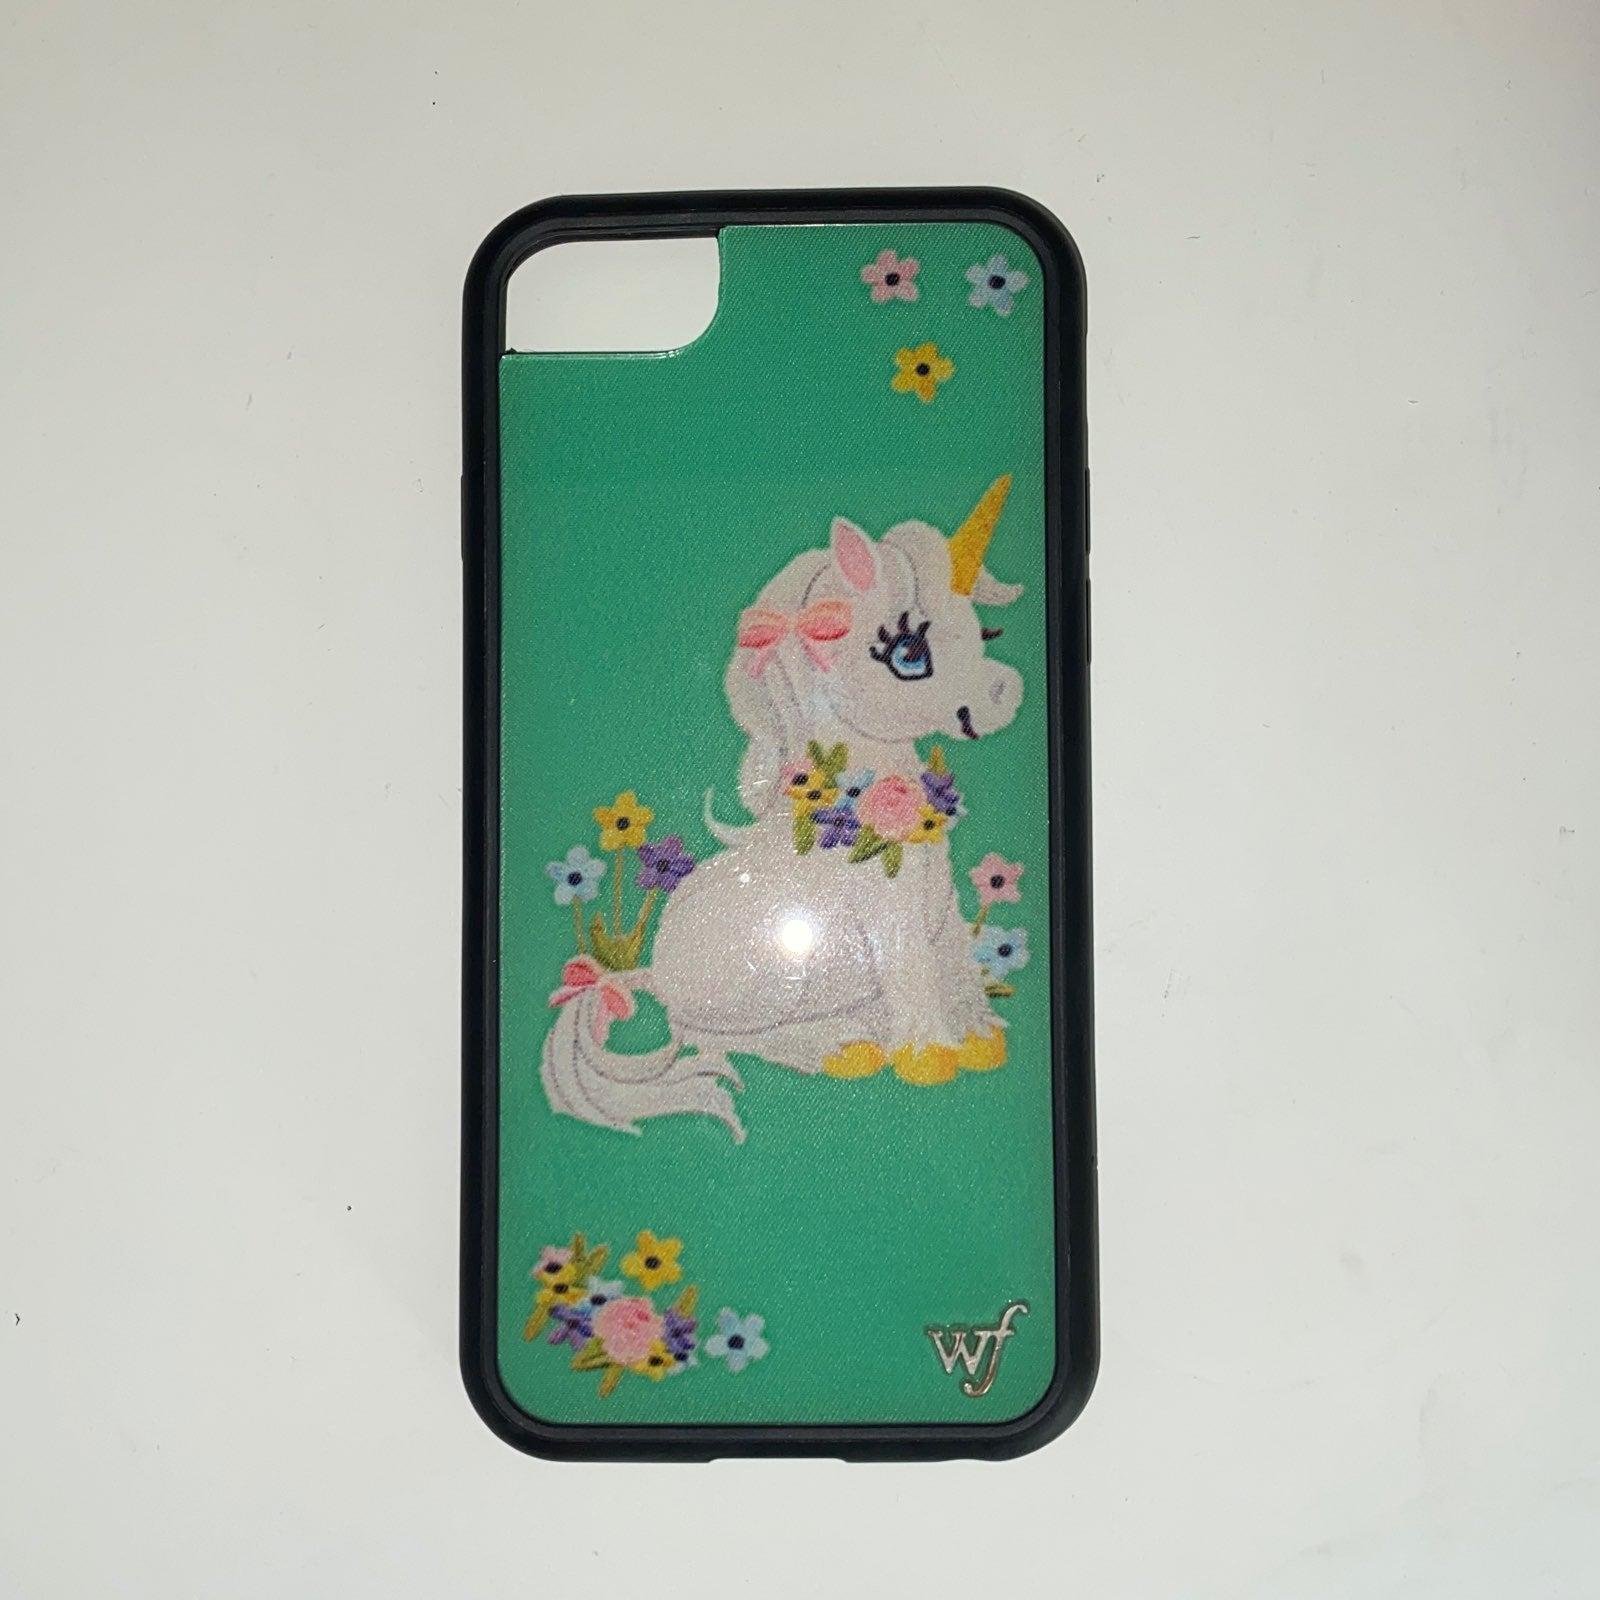 Wildflower Case iPhone 6/7/8